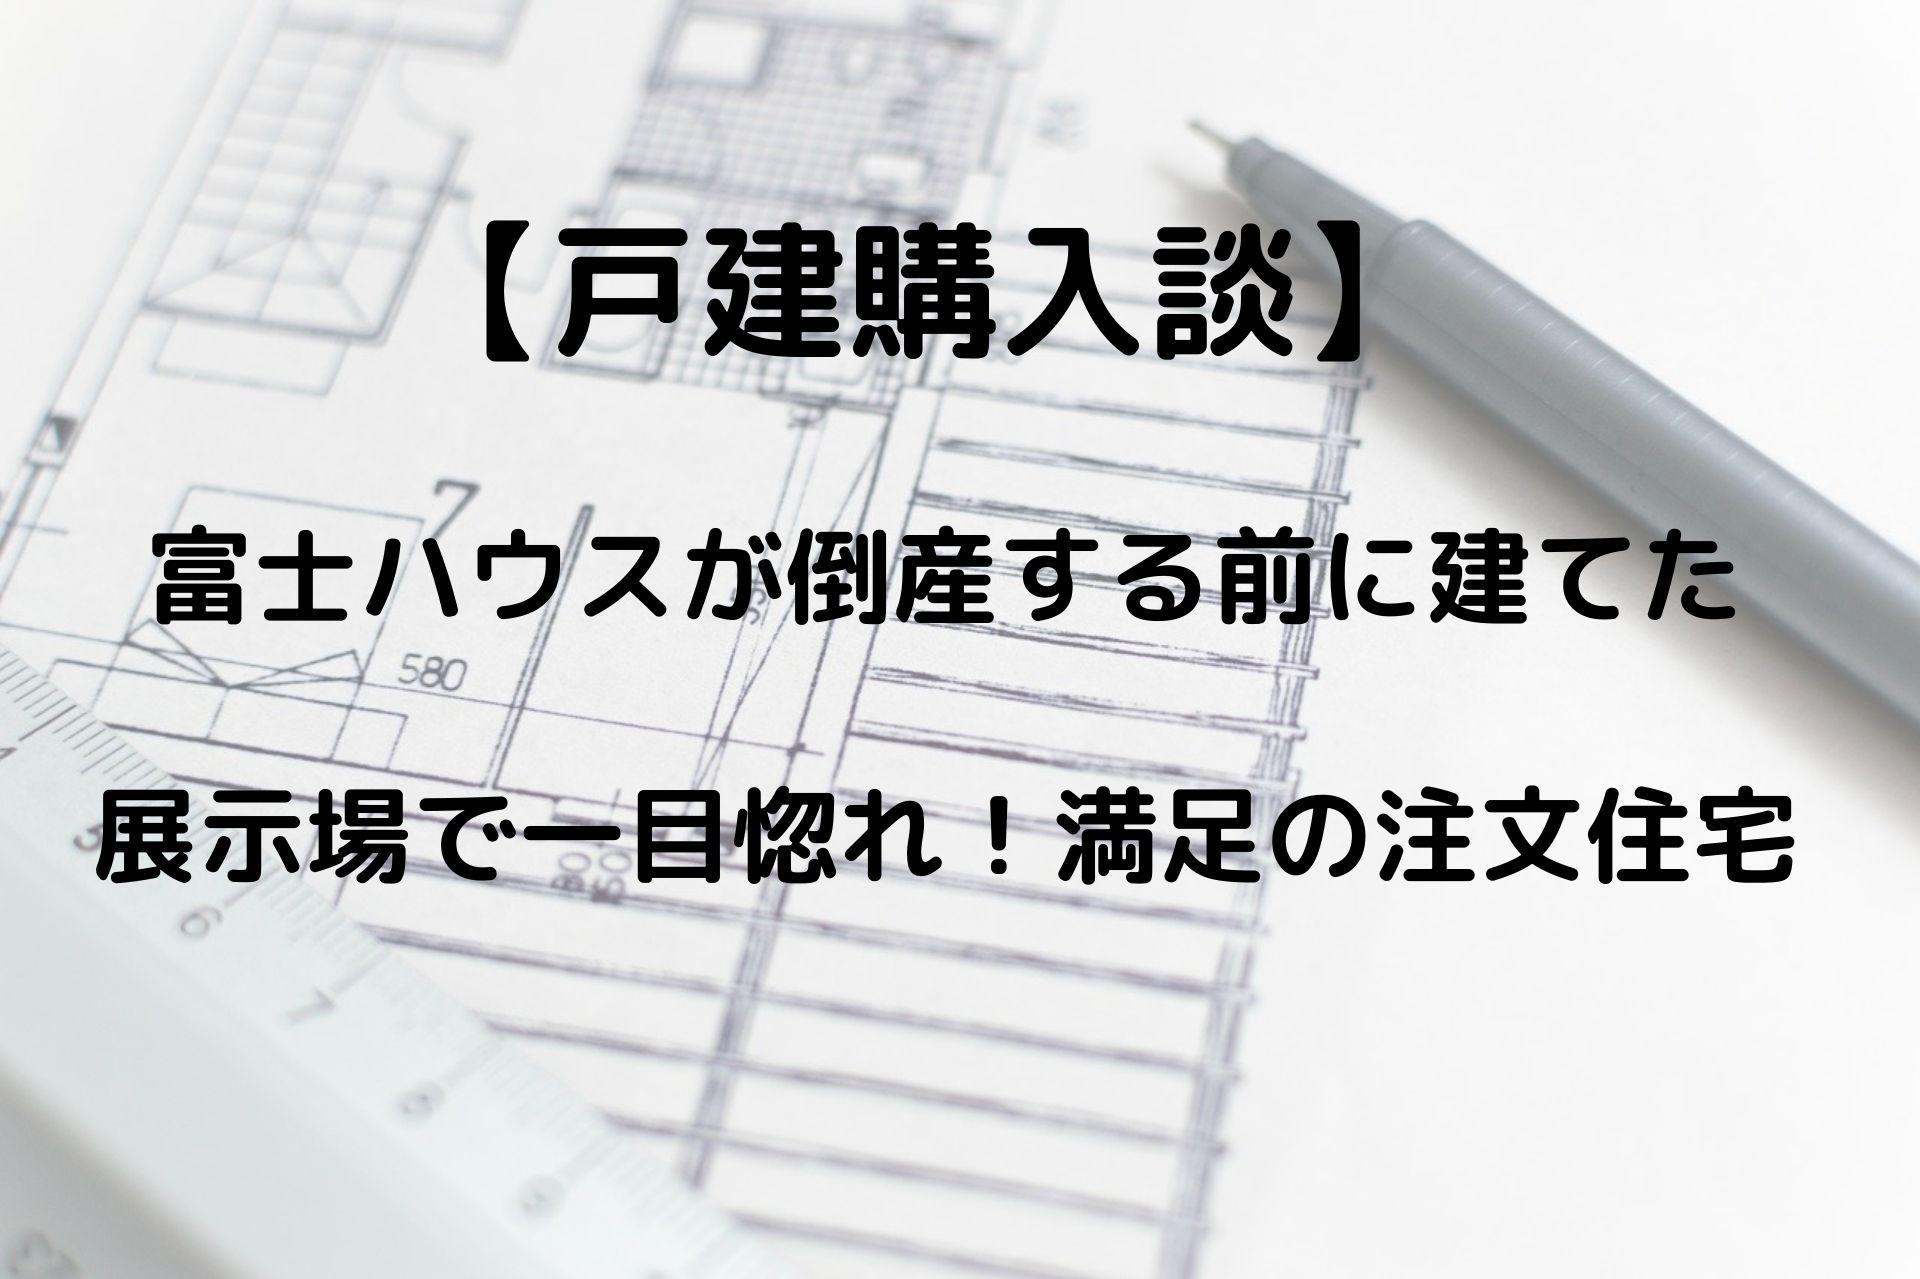 富士ハウスが倒産する前に建てた展示場で一目惚れした満足の注文住宅